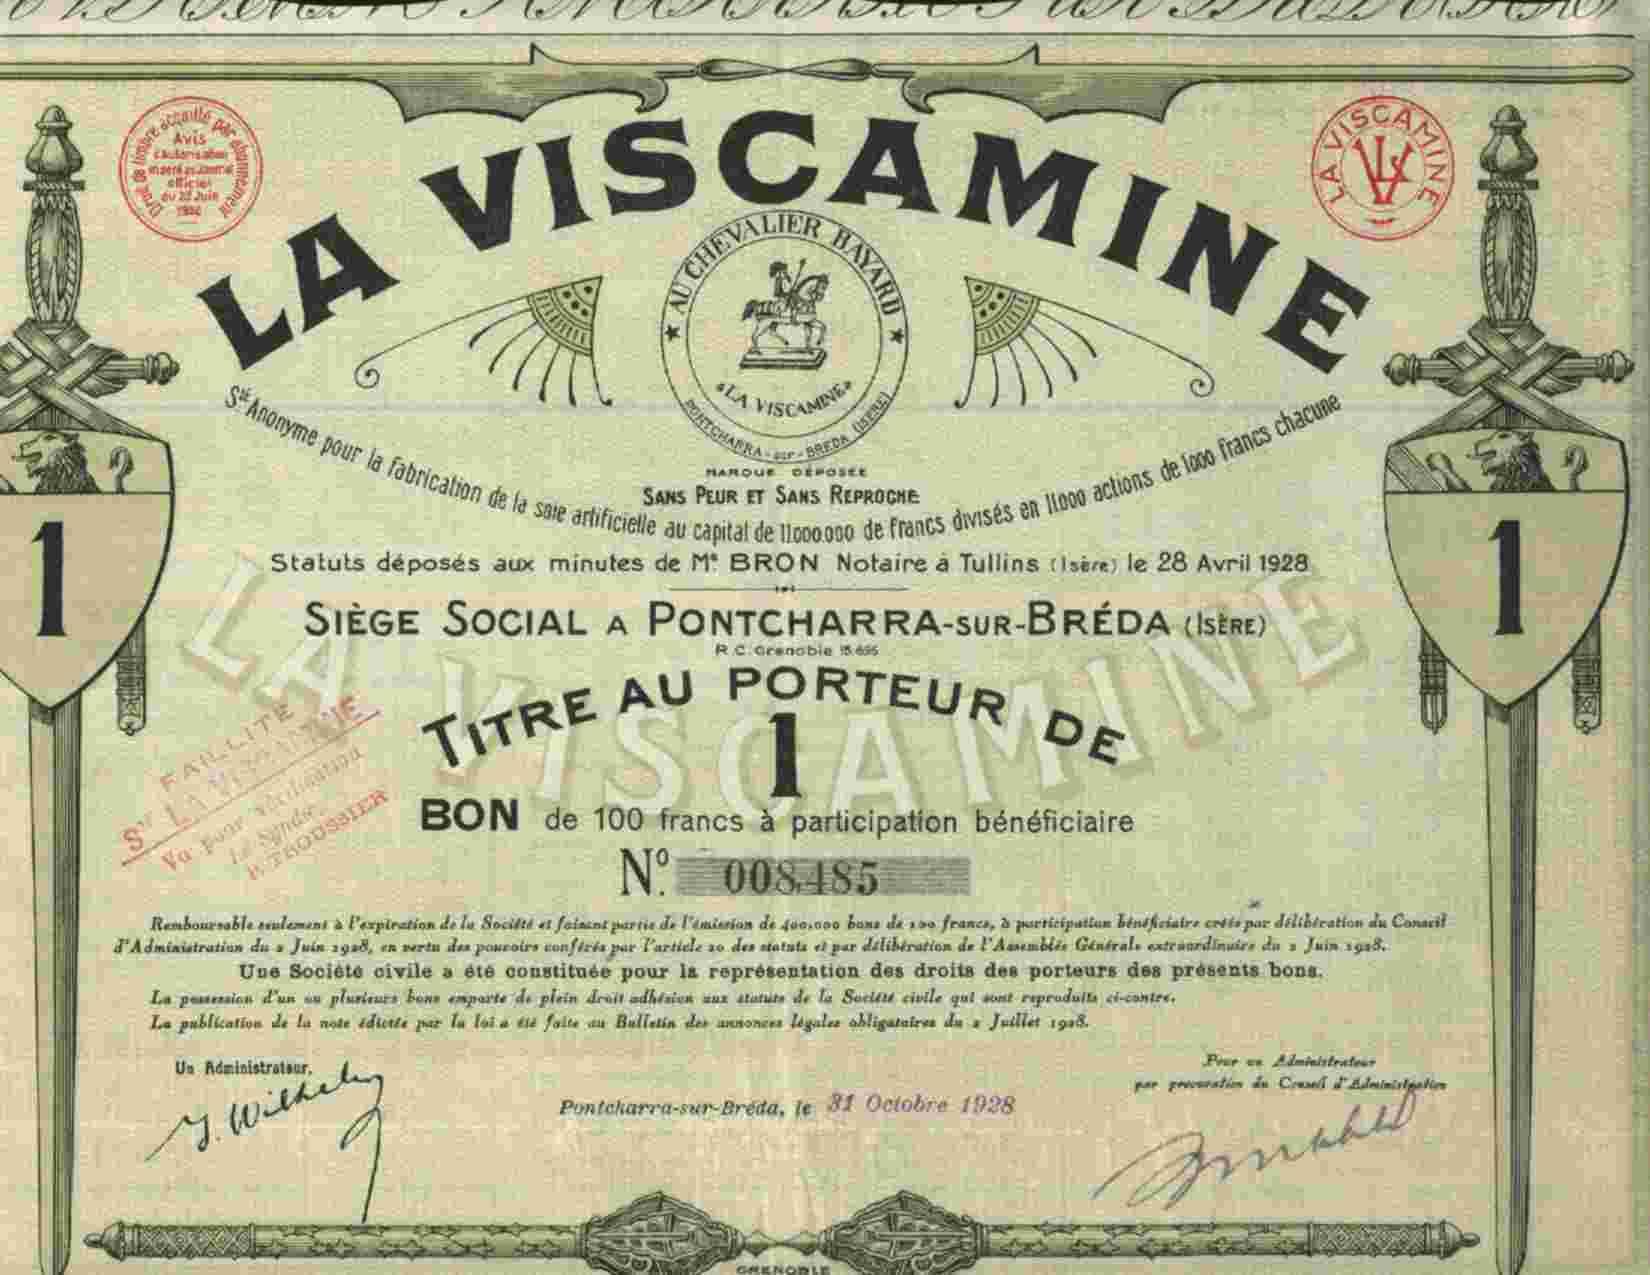 DECO : LA VISCAMINE  * AU CHEVALIER BAYARD * 1 (ISERE) - Azioni & Titoli